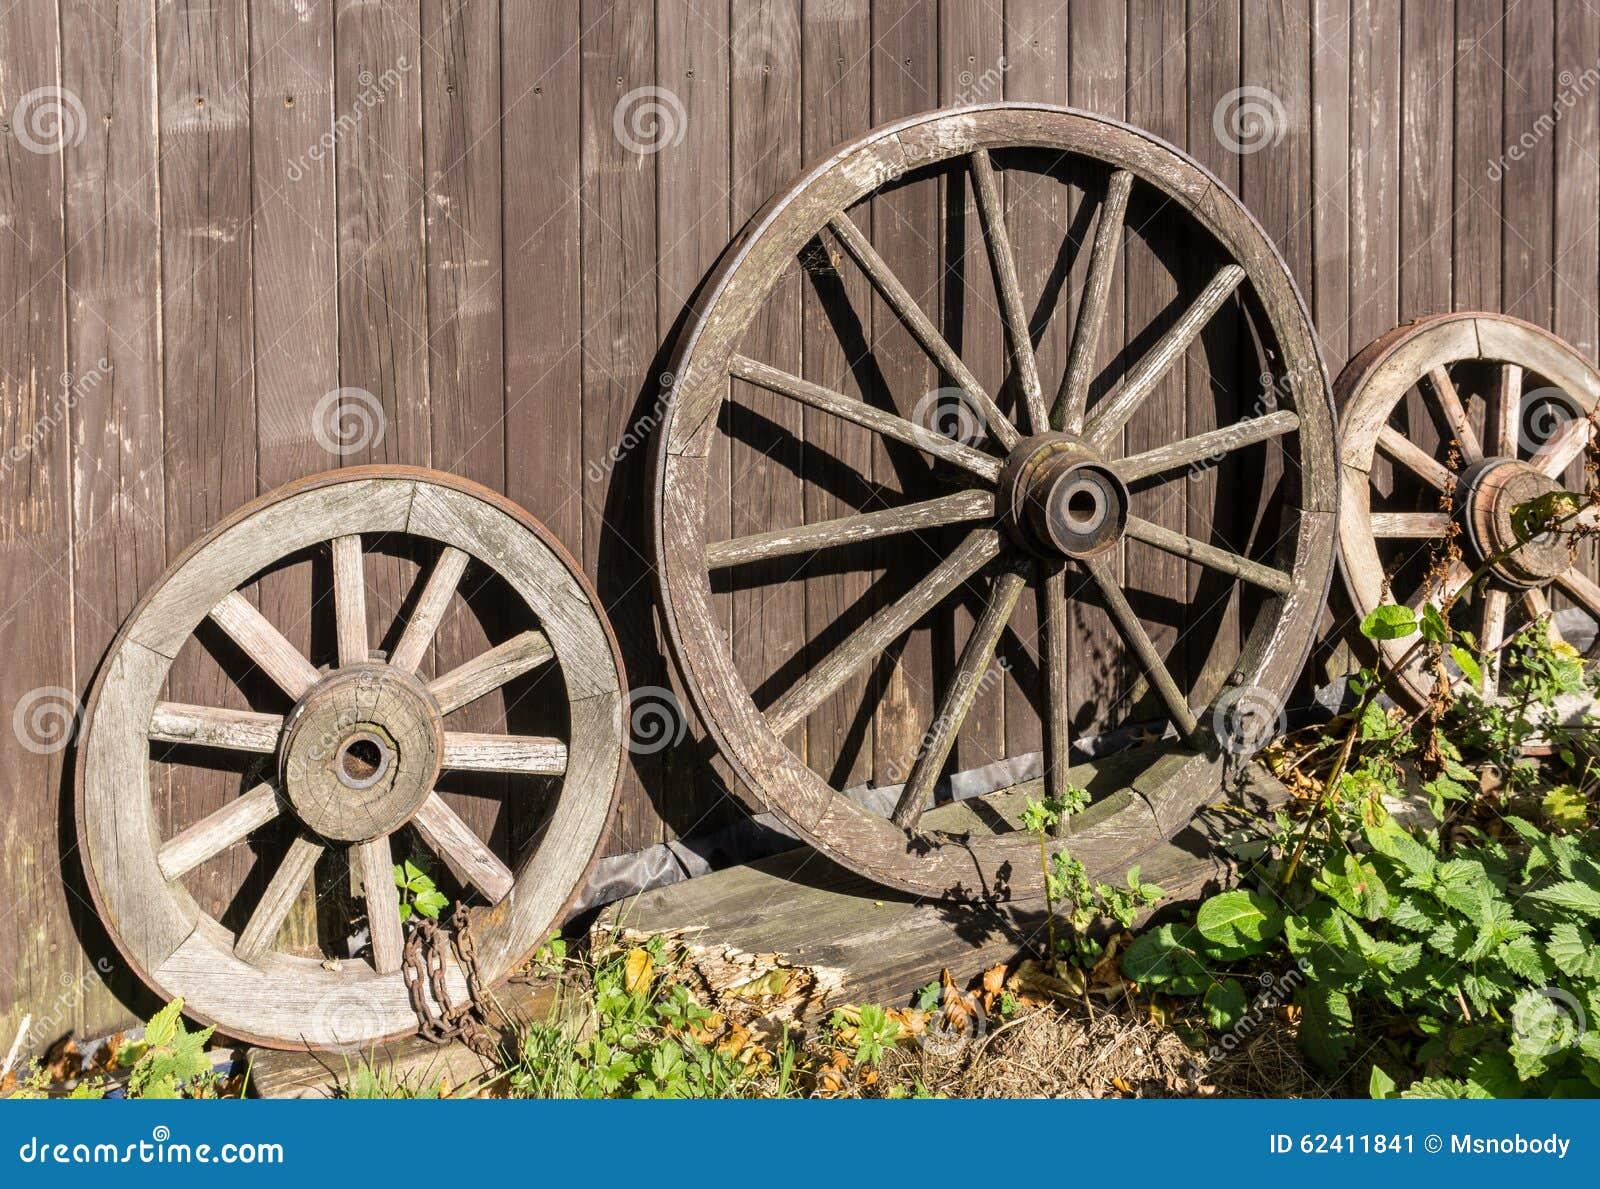 Three Old Wagon Wheels. Country, Nostalgia.